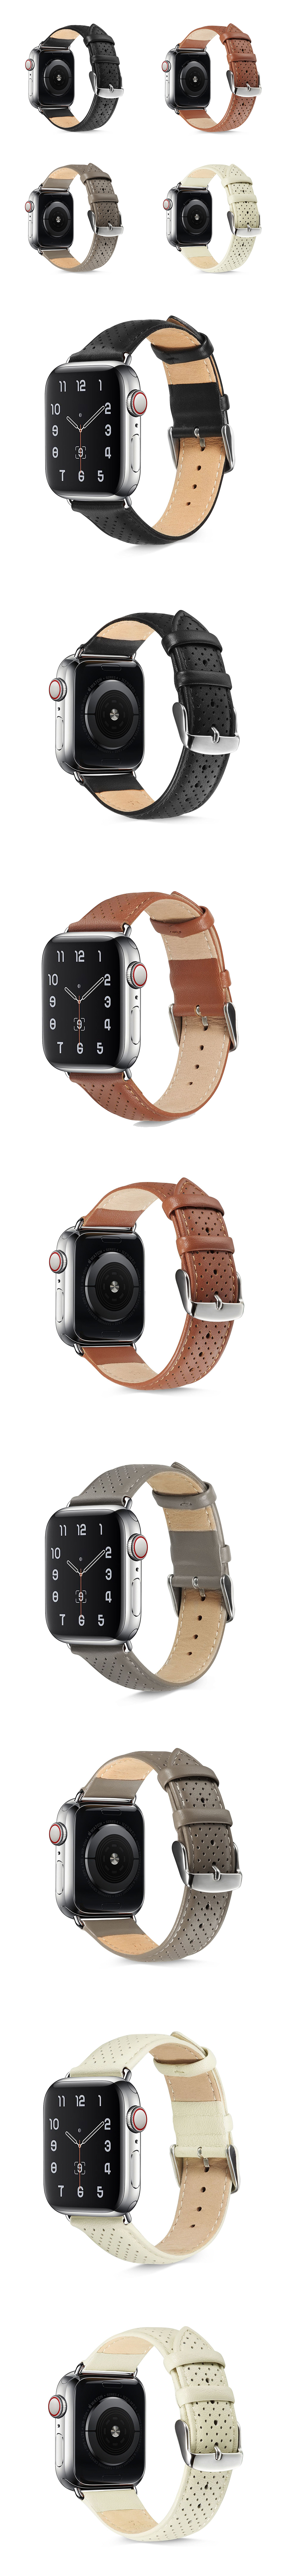 頭層牛皮真皮錶帶點點透氣造型皮革錶帶